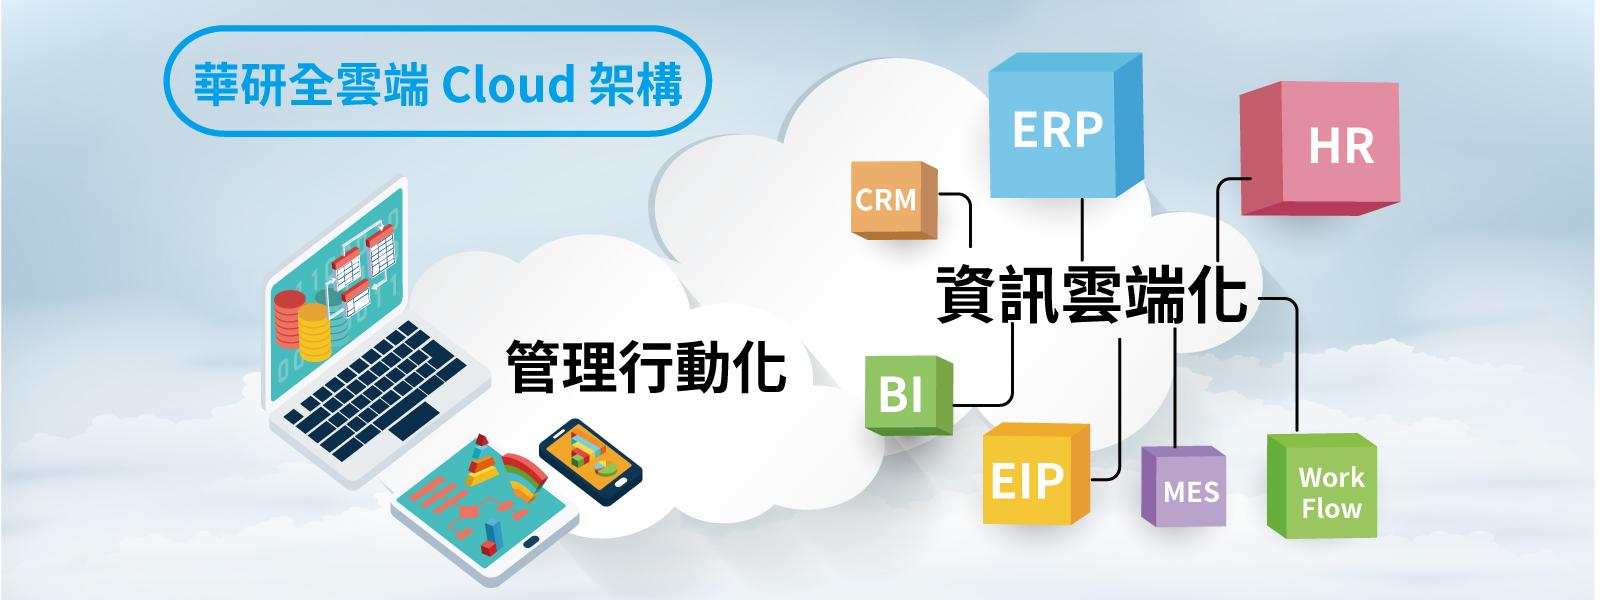 華研科技、華研雲端、雲端辦公、PowerERP、PowerHR、ERP、HR、WorkFlow、BI、全雲端 Cloud 架構、資訊雲端化、管理行動化